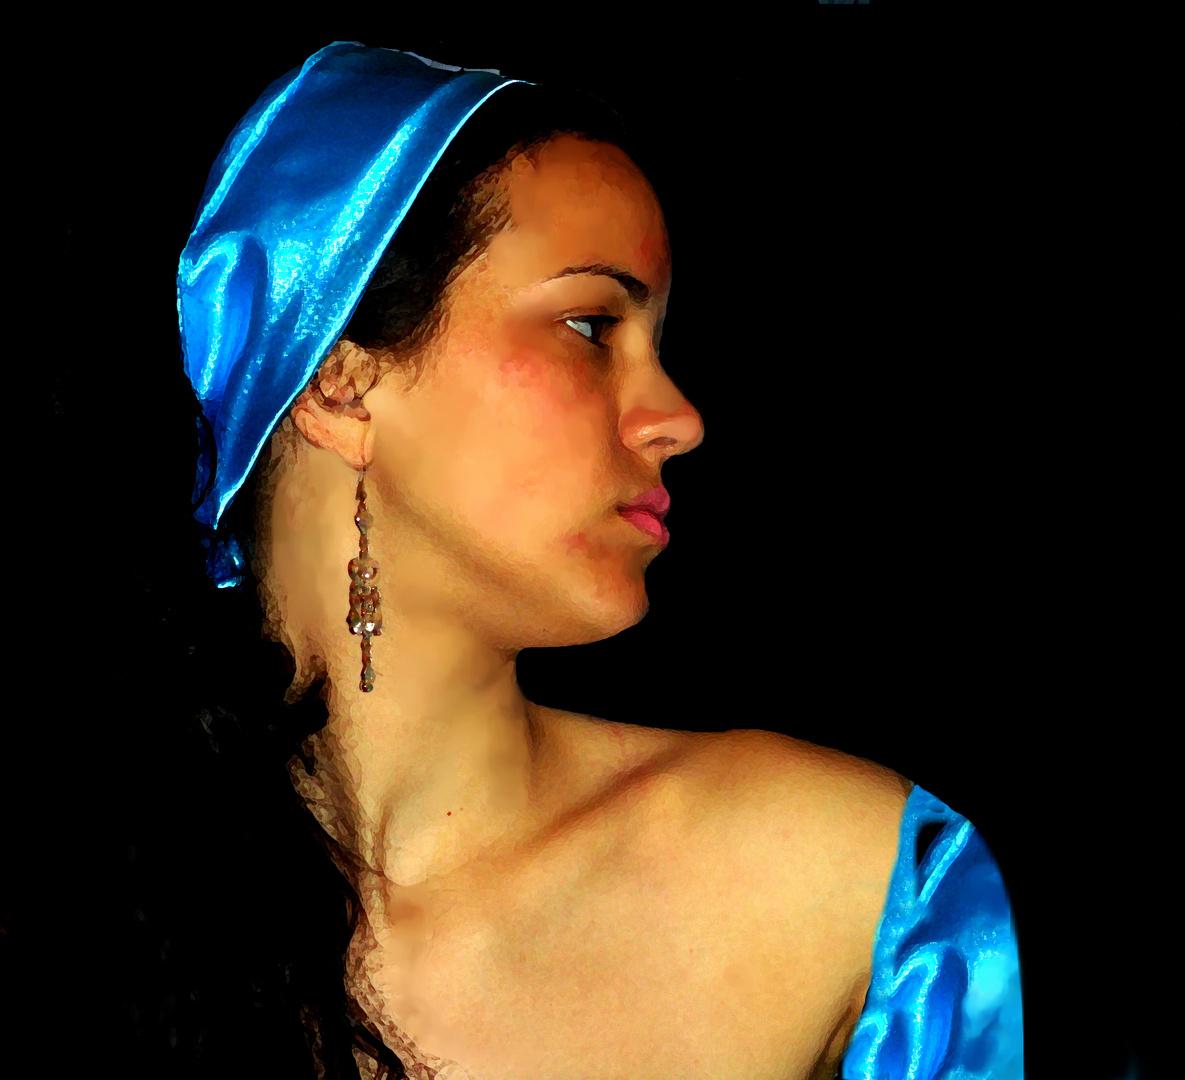 Perfil y azul intenso